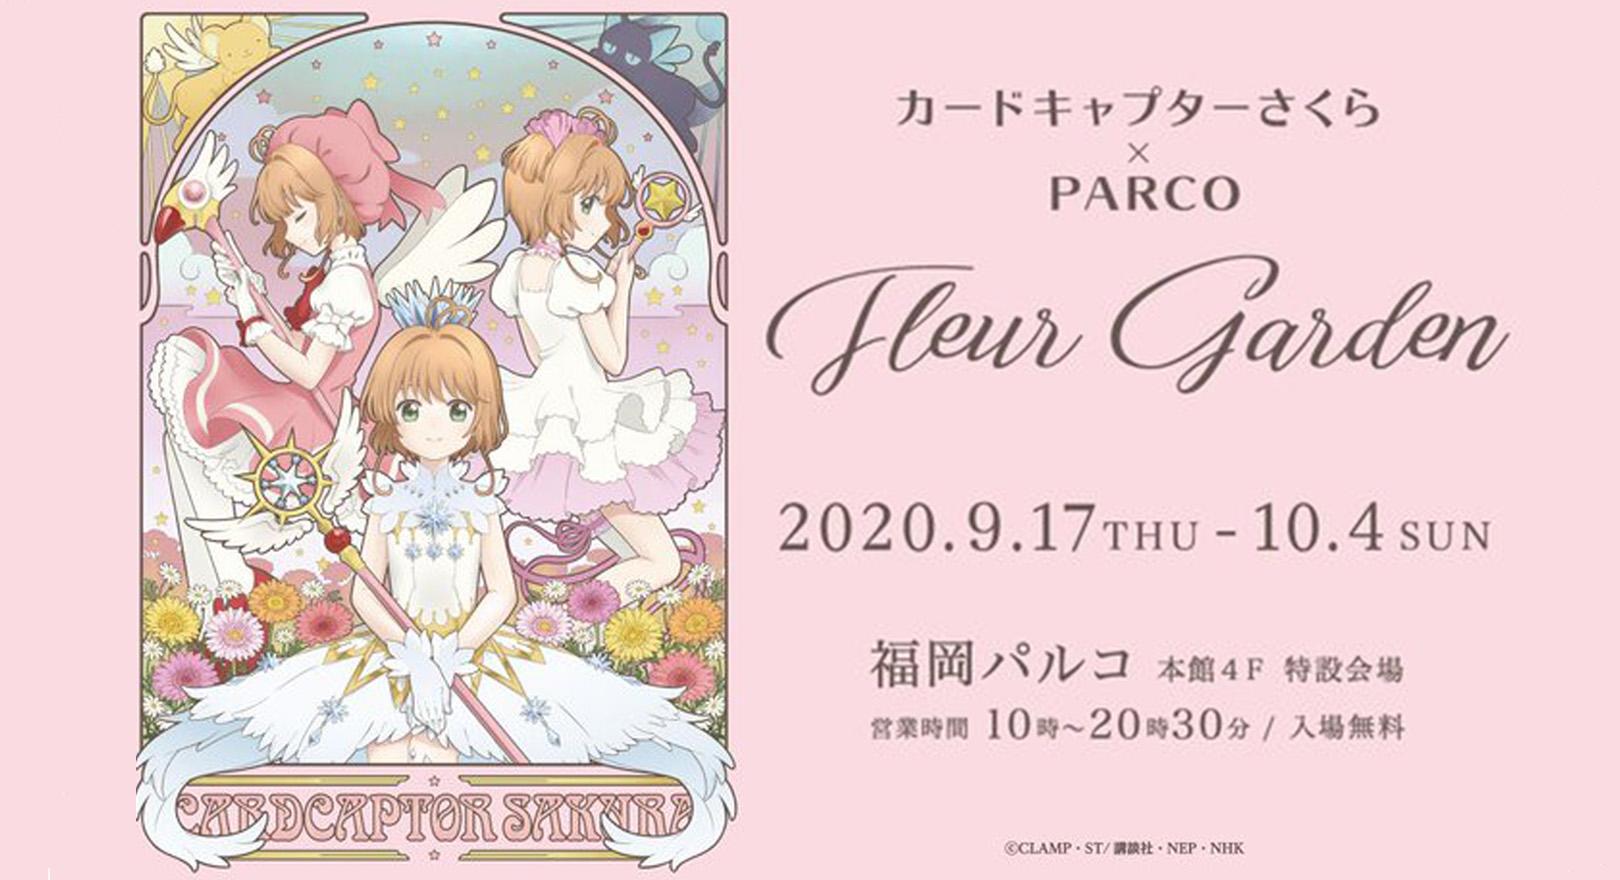 『カードキャプターさくら×PARCO Fleur Garden』にてカード型フライヤー配布!